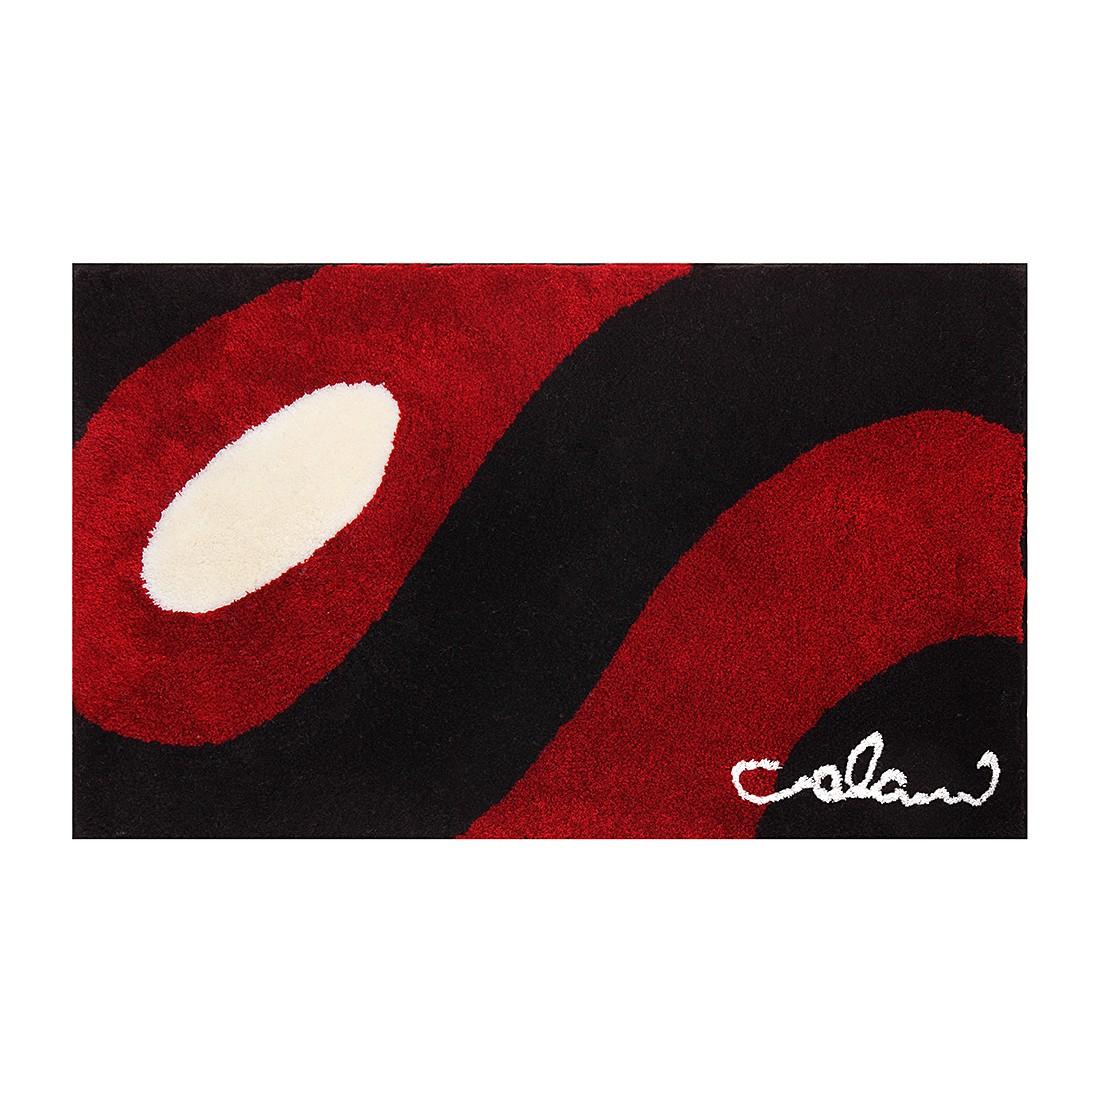 Badteppich Colani 35 – Schwarz / Rot – Größe: 140 x 80 cm, Colani günstig kaufen